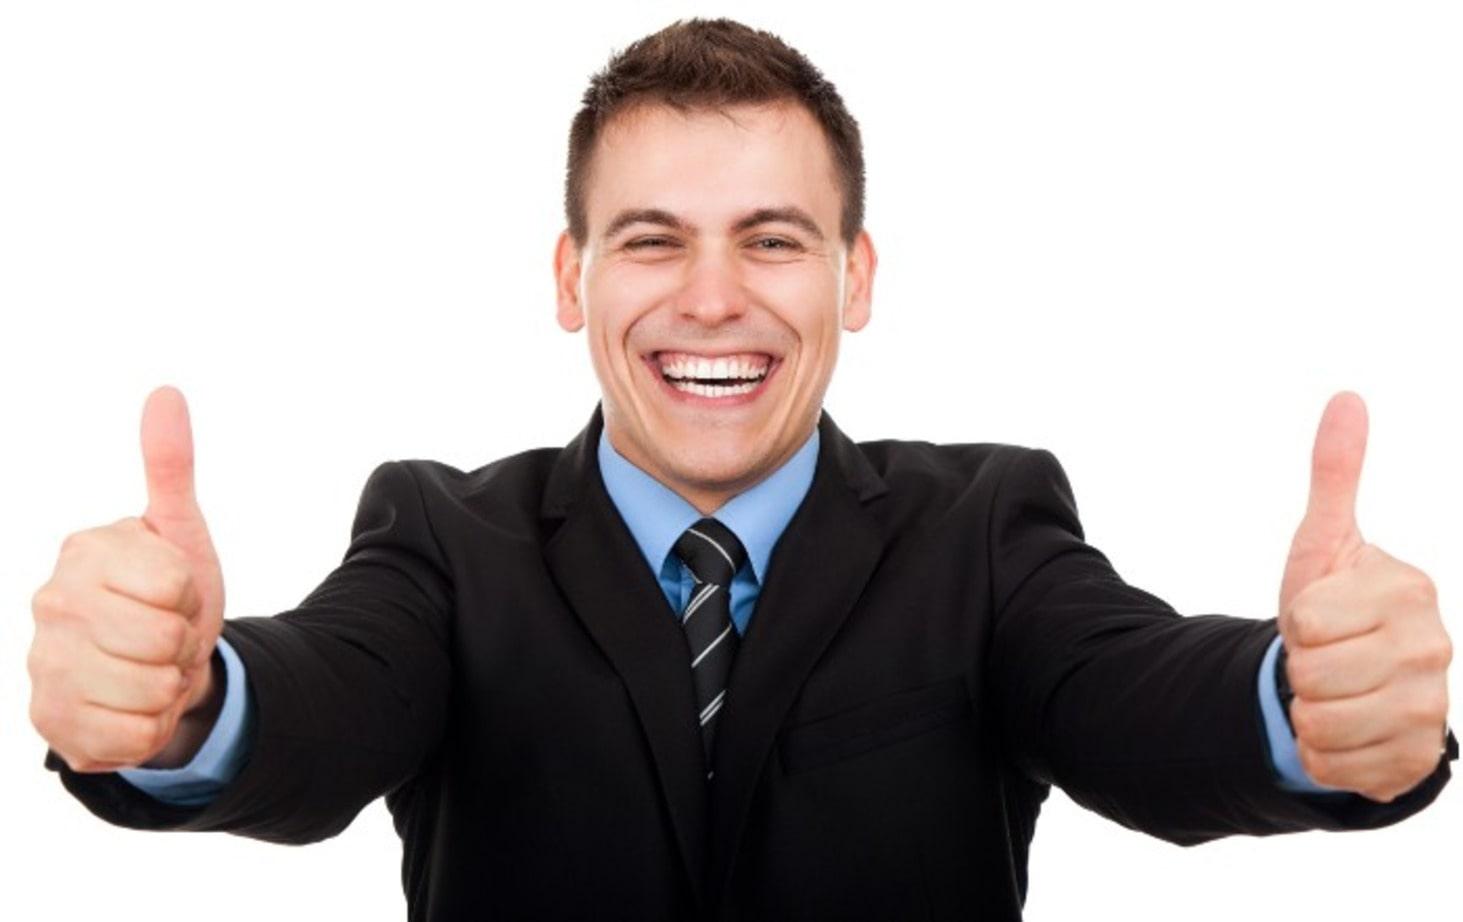 moj-universitet-snizil-tseny-na-kursy-na-25-takzhe-vseh-klientov-zhdet-rozygrysh-tsennyh-podarkov